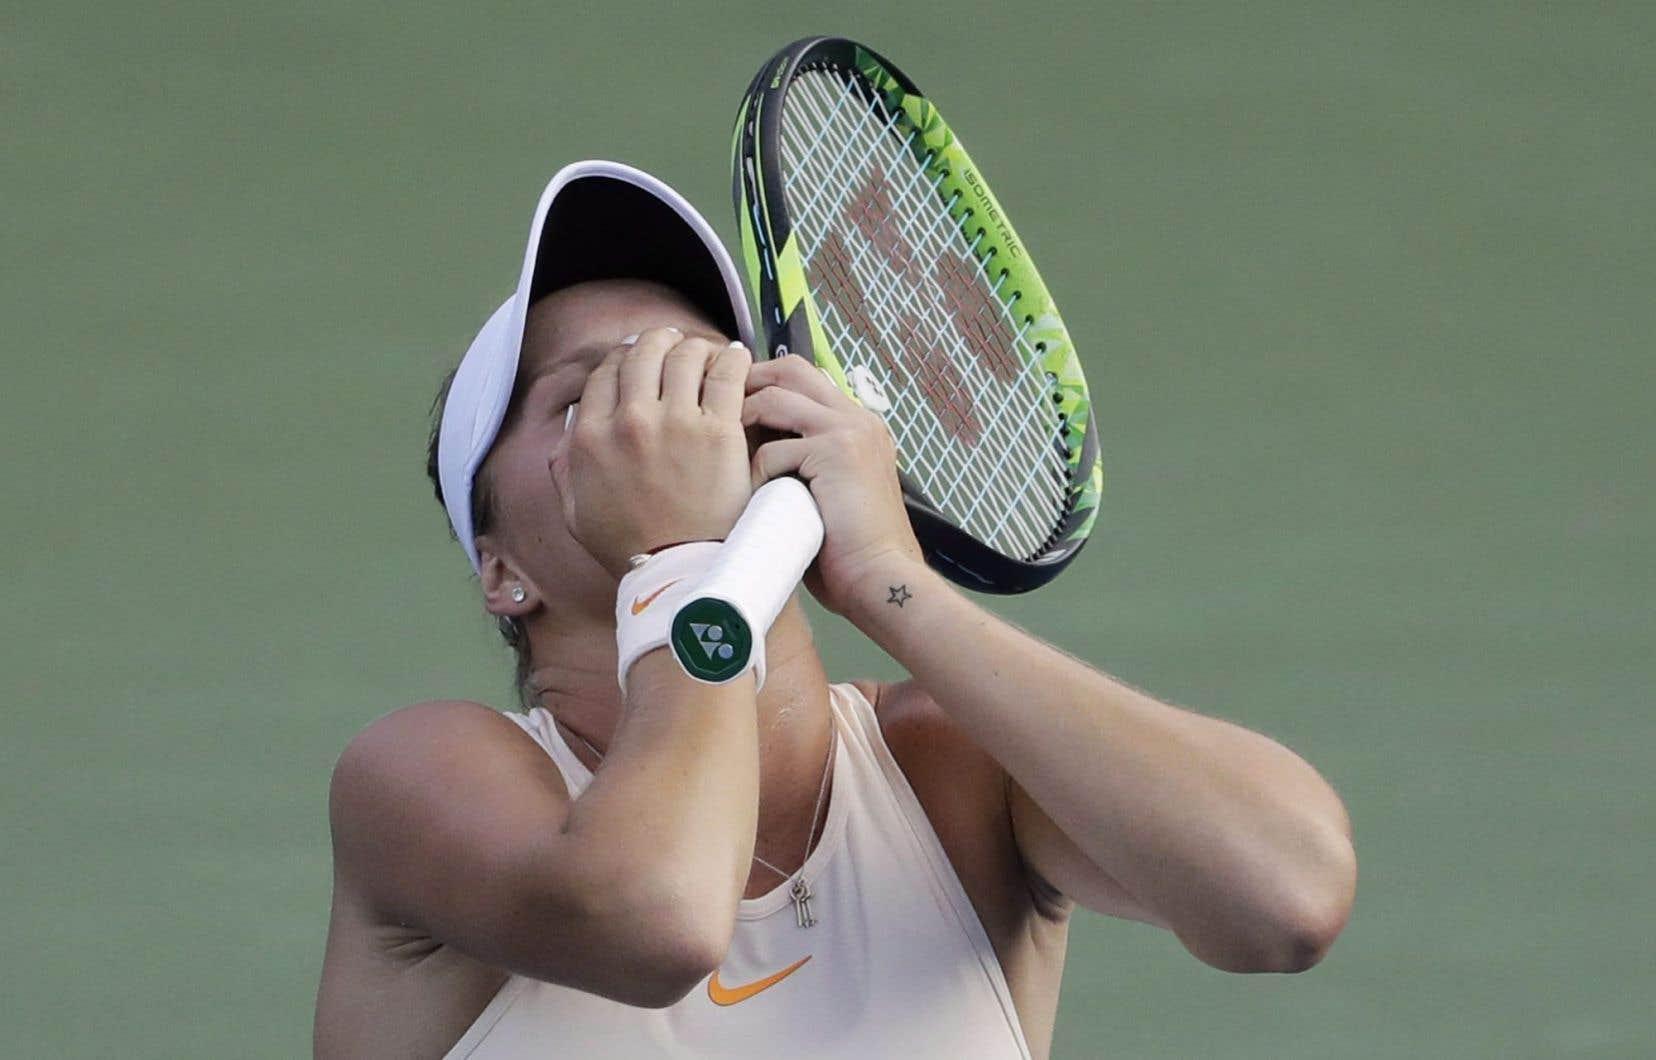 Bouchard a perdu une bataille de trois manches 2-6, 7-5, 12-10 contre la Belge Elise Mertens.